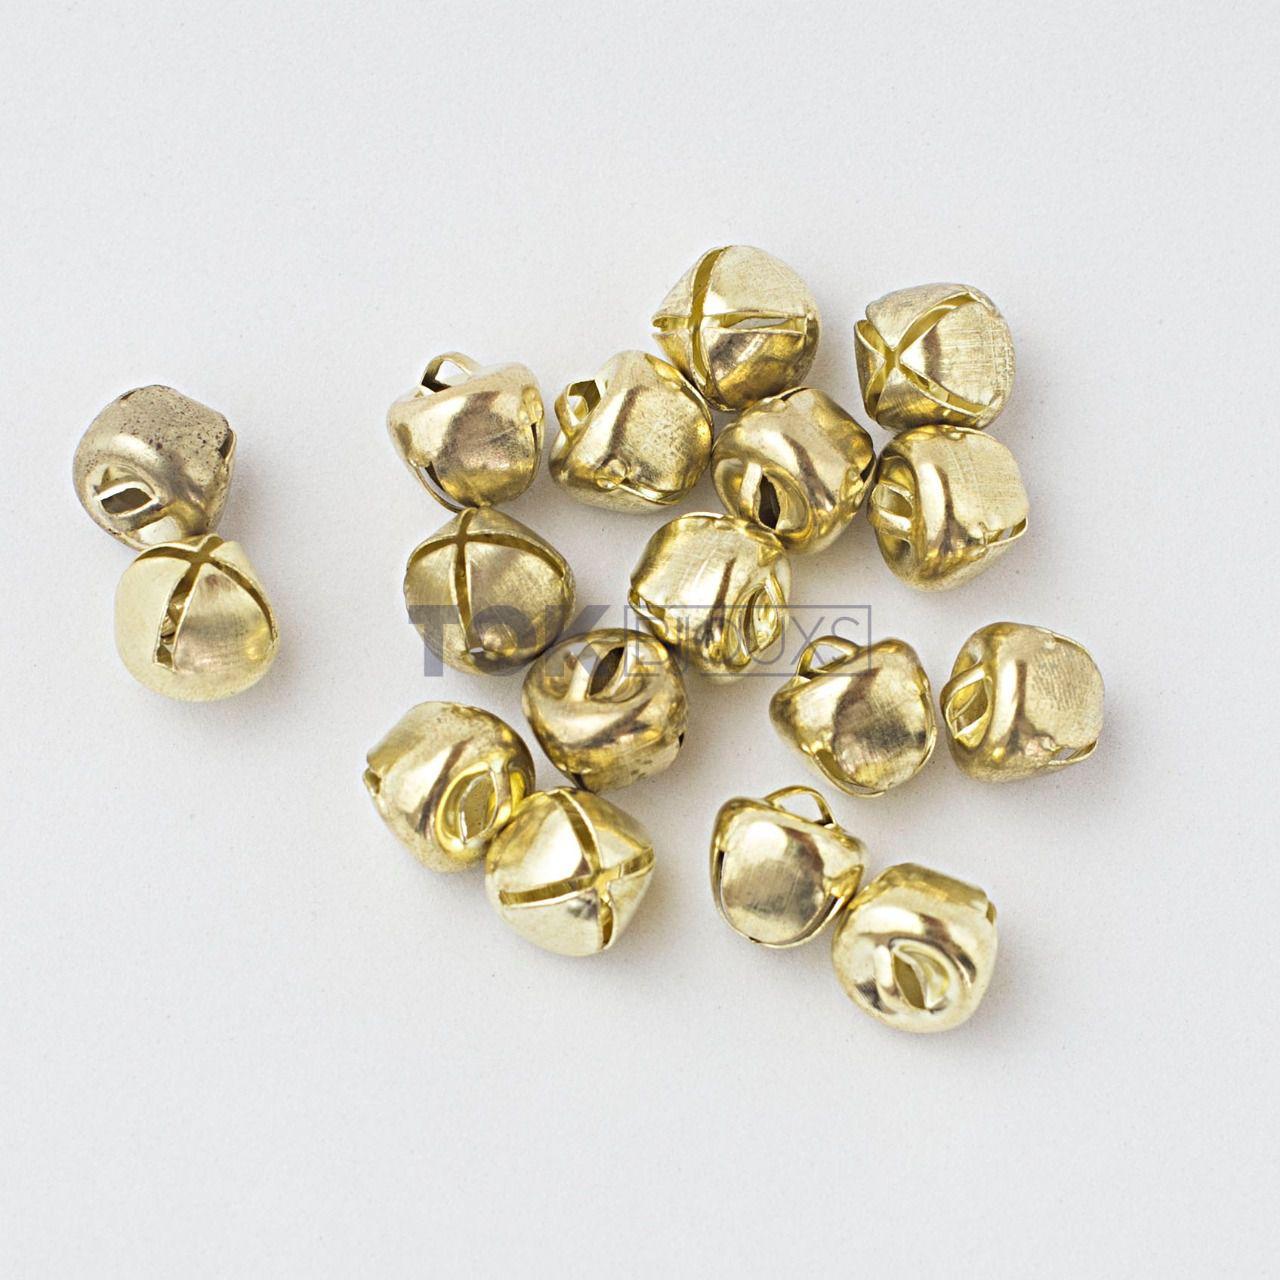 Guizo - Dourado - 12mm - 100 un